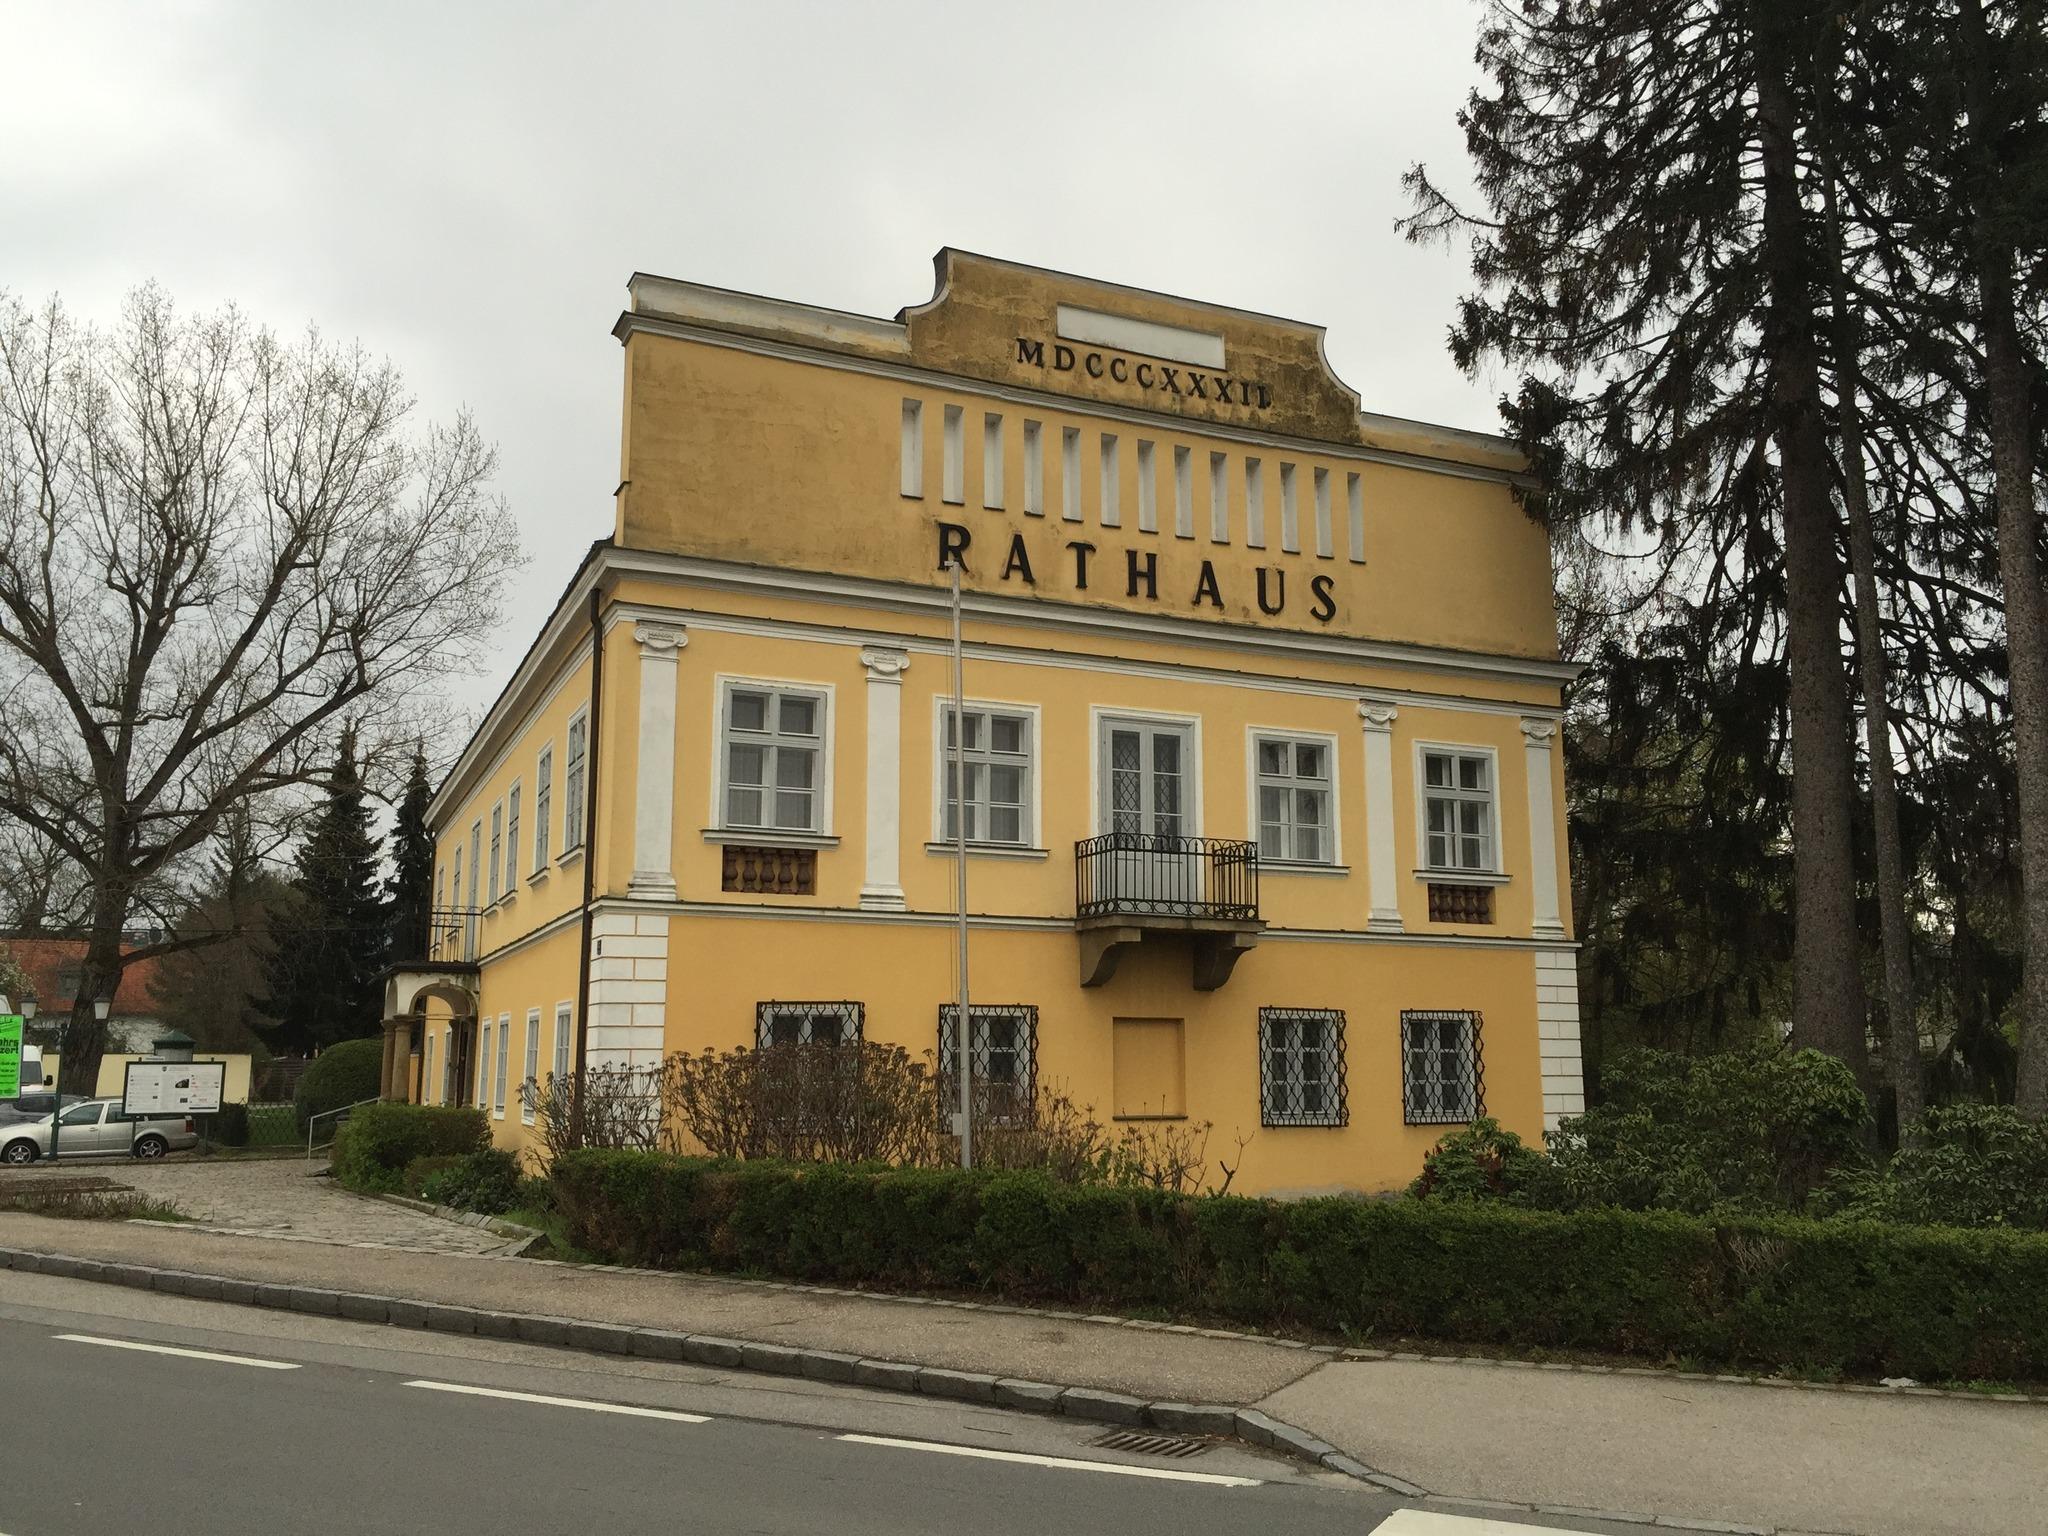 Rathaus Neu Unter Beschuss Tulln